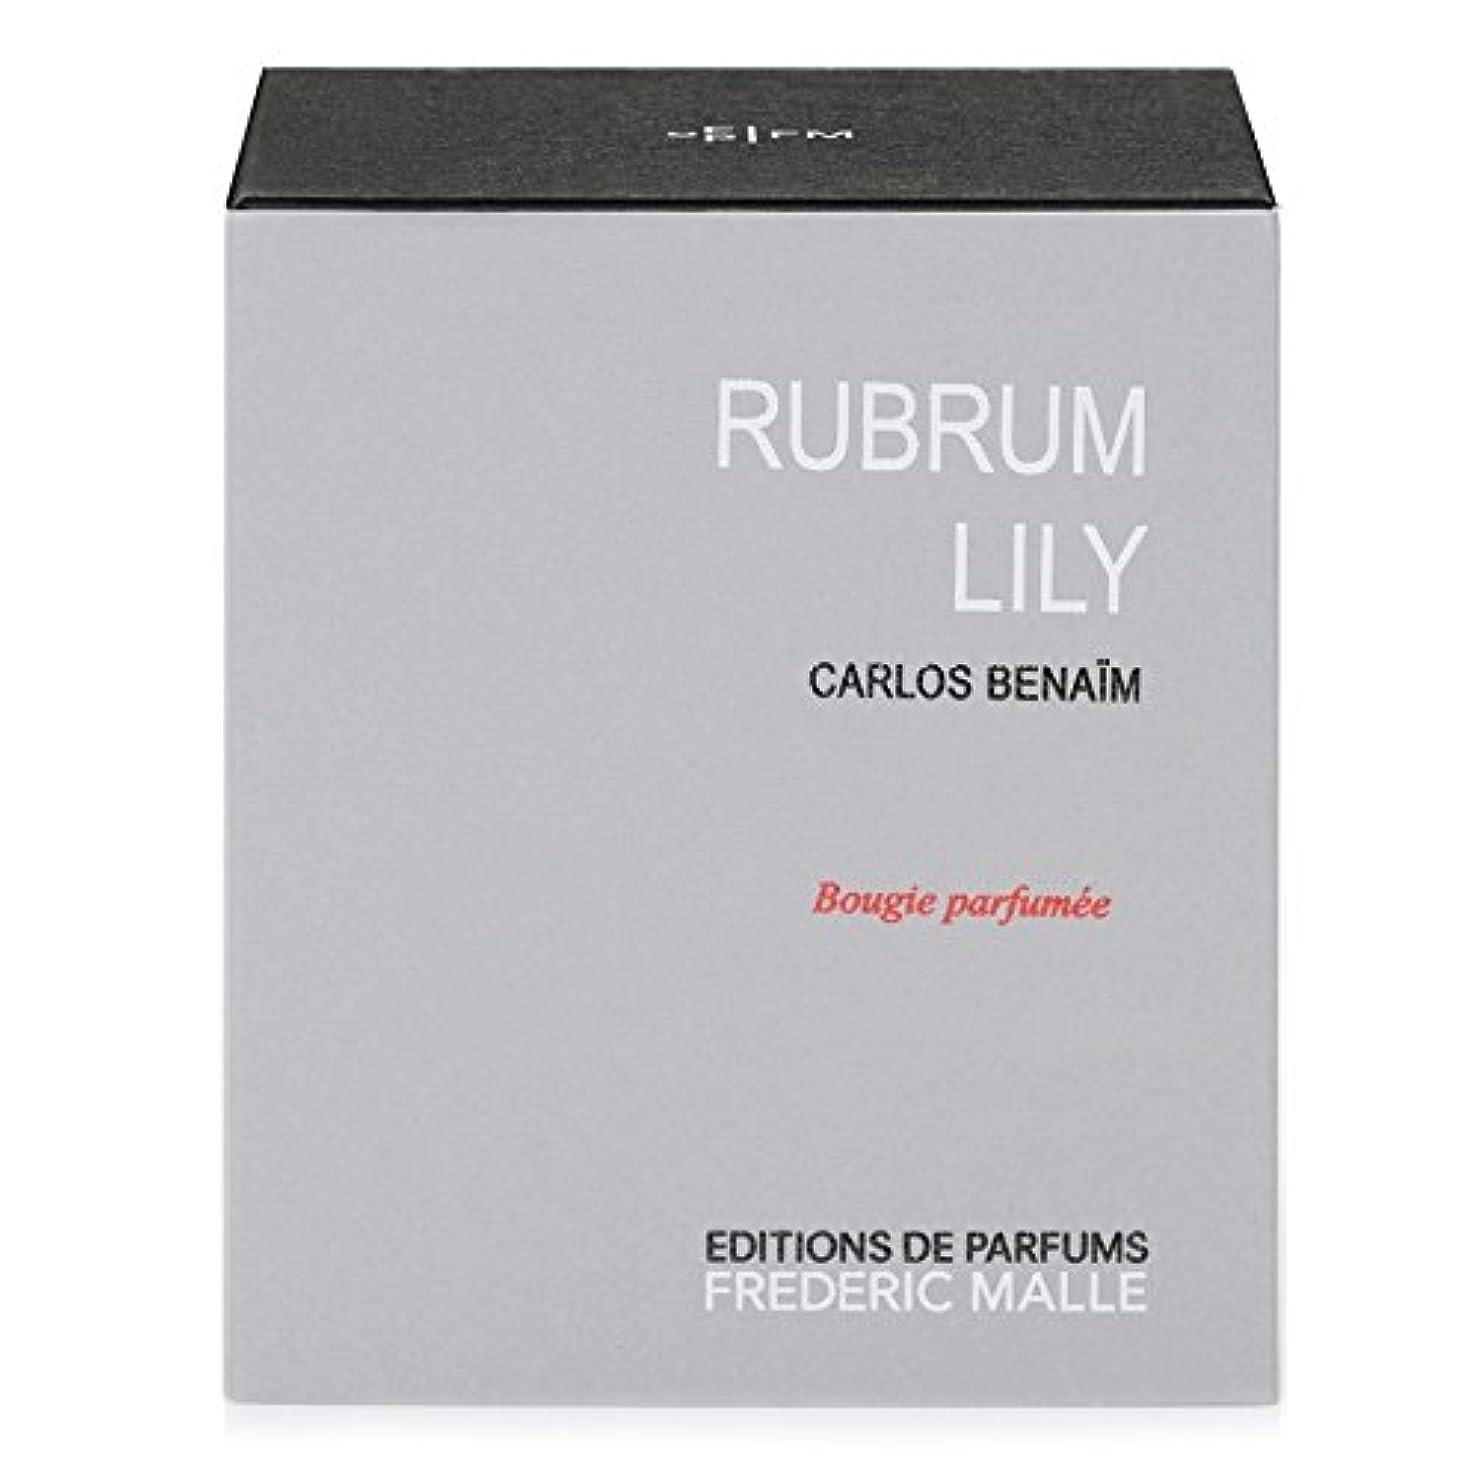 レタス無しモスフレデリック?マルルブルムユリの香りのキャンドル x6 - Frederic Malle Rubrum Lily Scented Candle (Pack of 6) [並行輸入品]